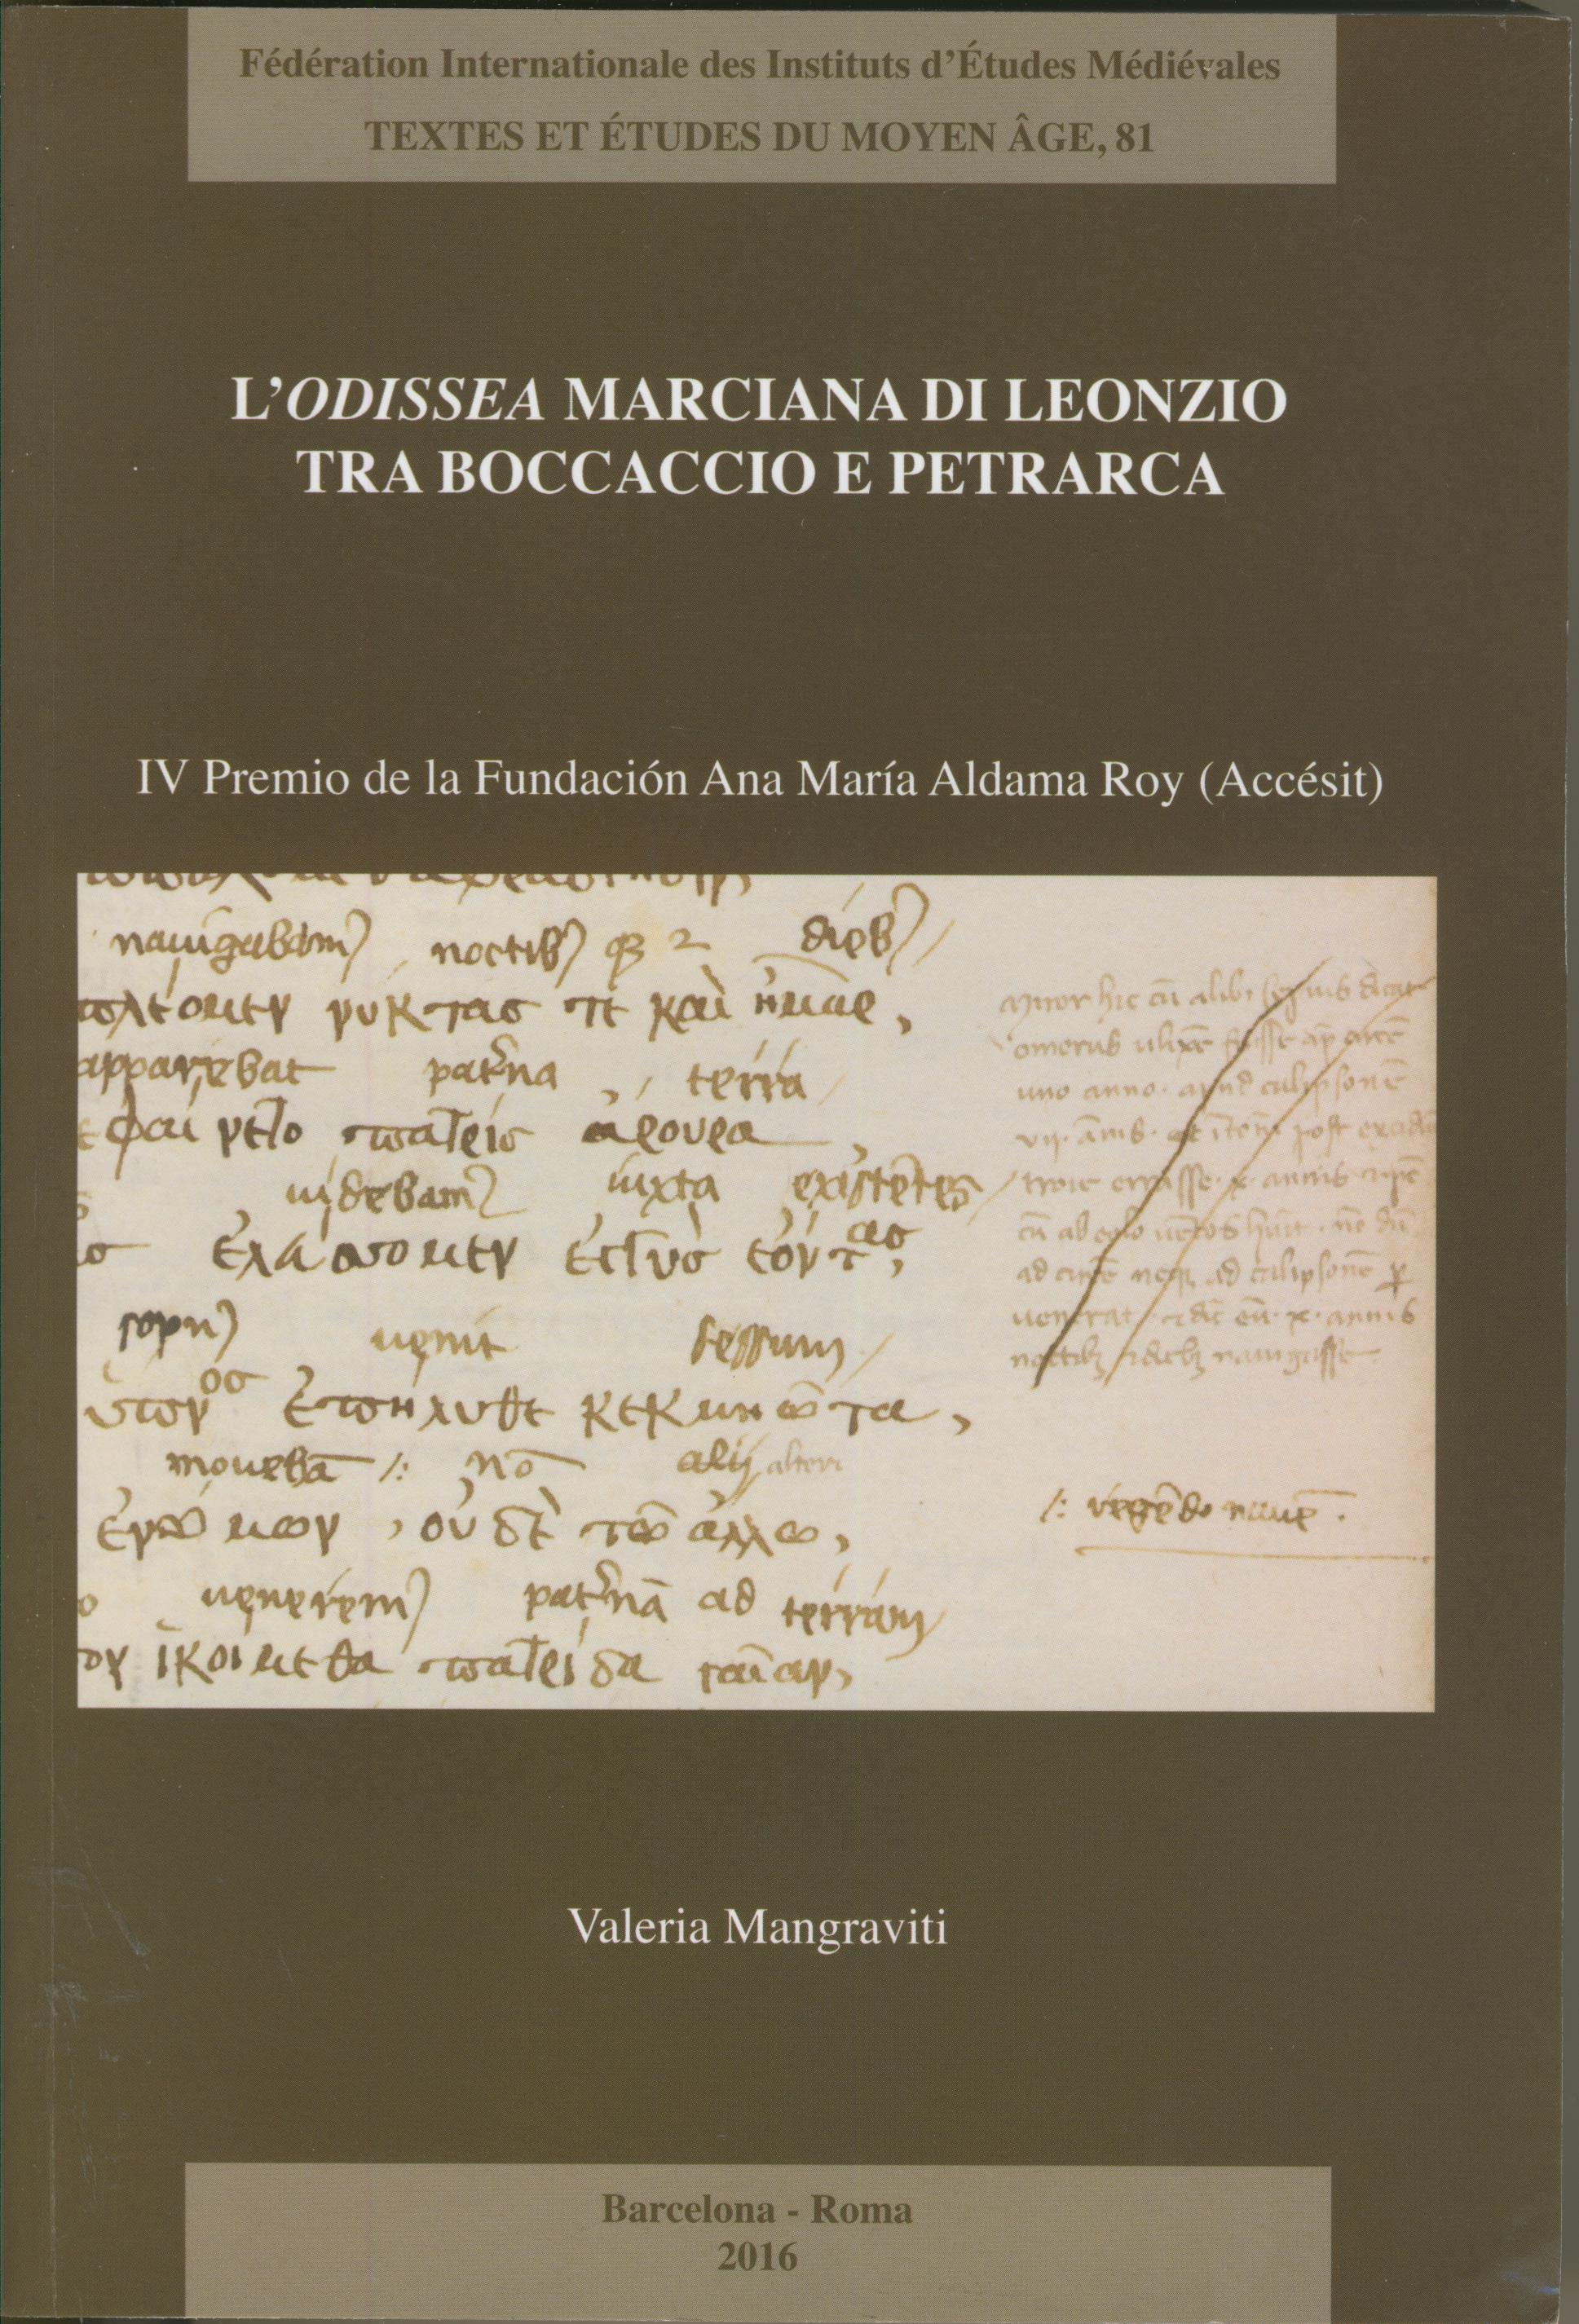 L'Odissea marciana di Leonzio tra Boccaccio e Petrarca